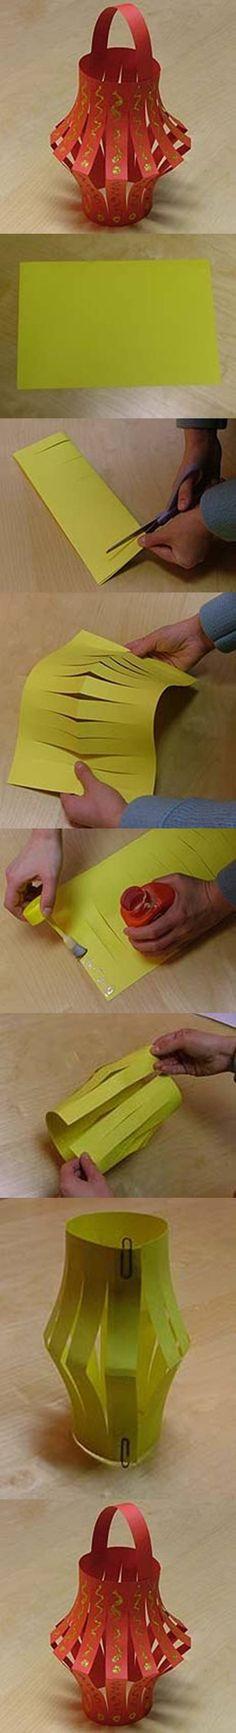 DIY Paper Lantern....15 Creative Diy Paper Lanterns Ideas to Brighten Your Home #diyCraft